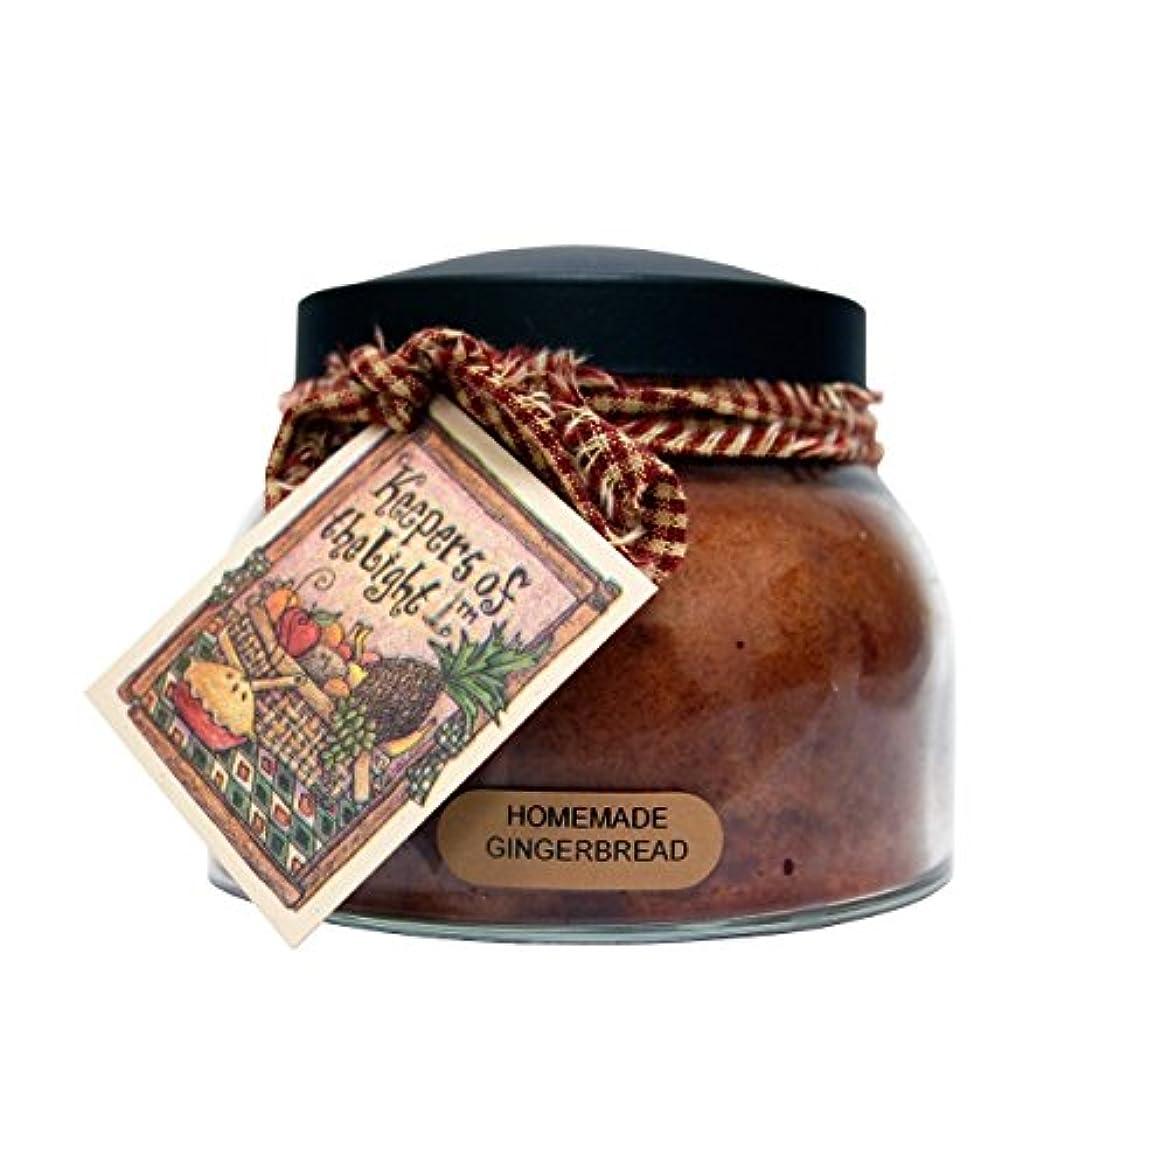 到着だらしない価値A Cheerful Giver Homemade Gingerbread Mama Jar Candle, 22-Ounce by Cheerful Giver [並行輸入品]